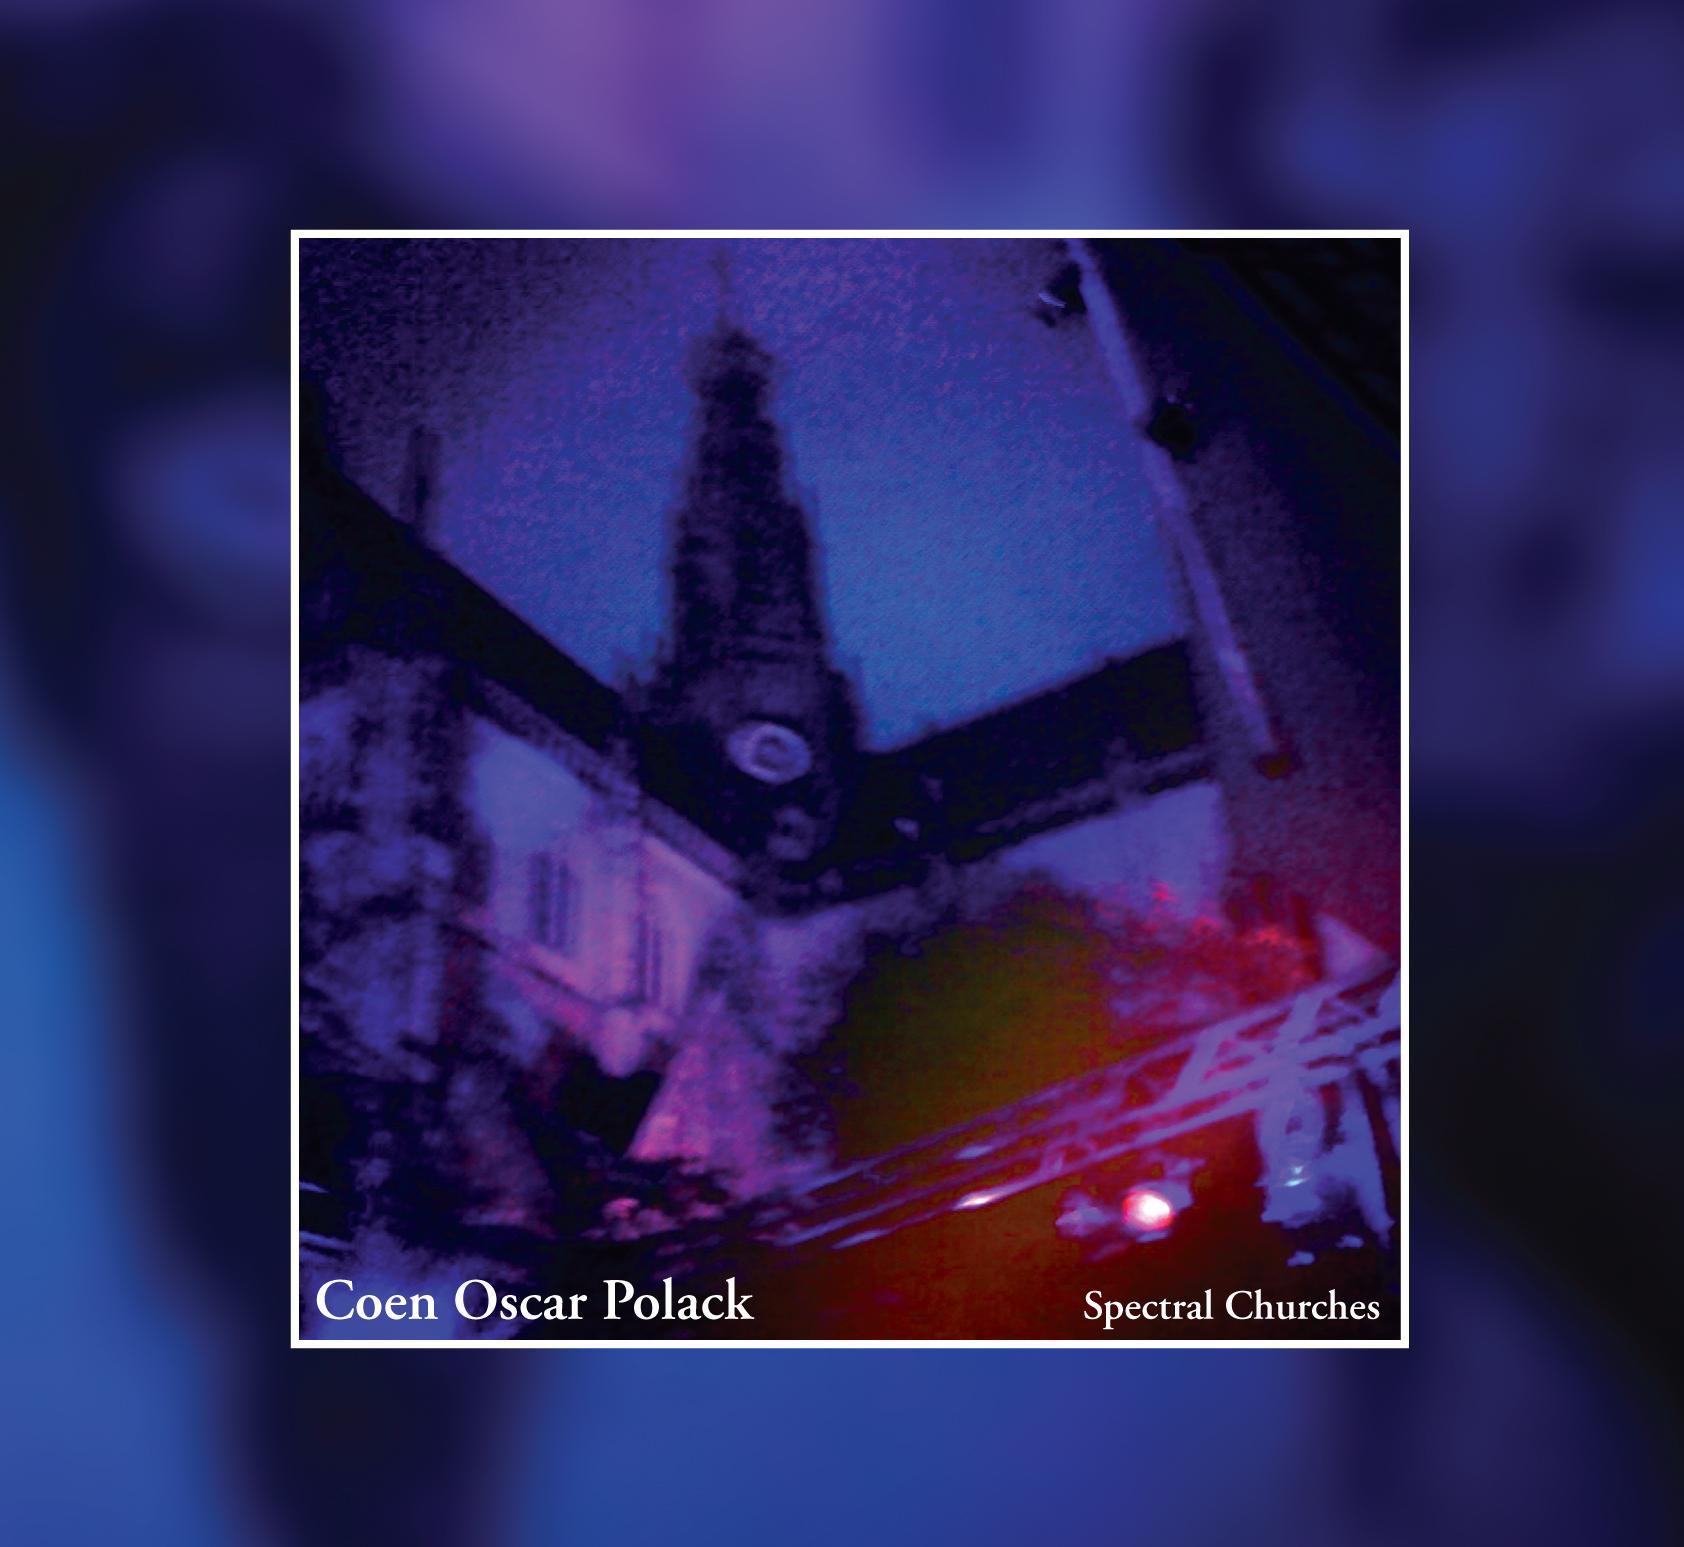 NM048: coen oscar polack - spectral churches